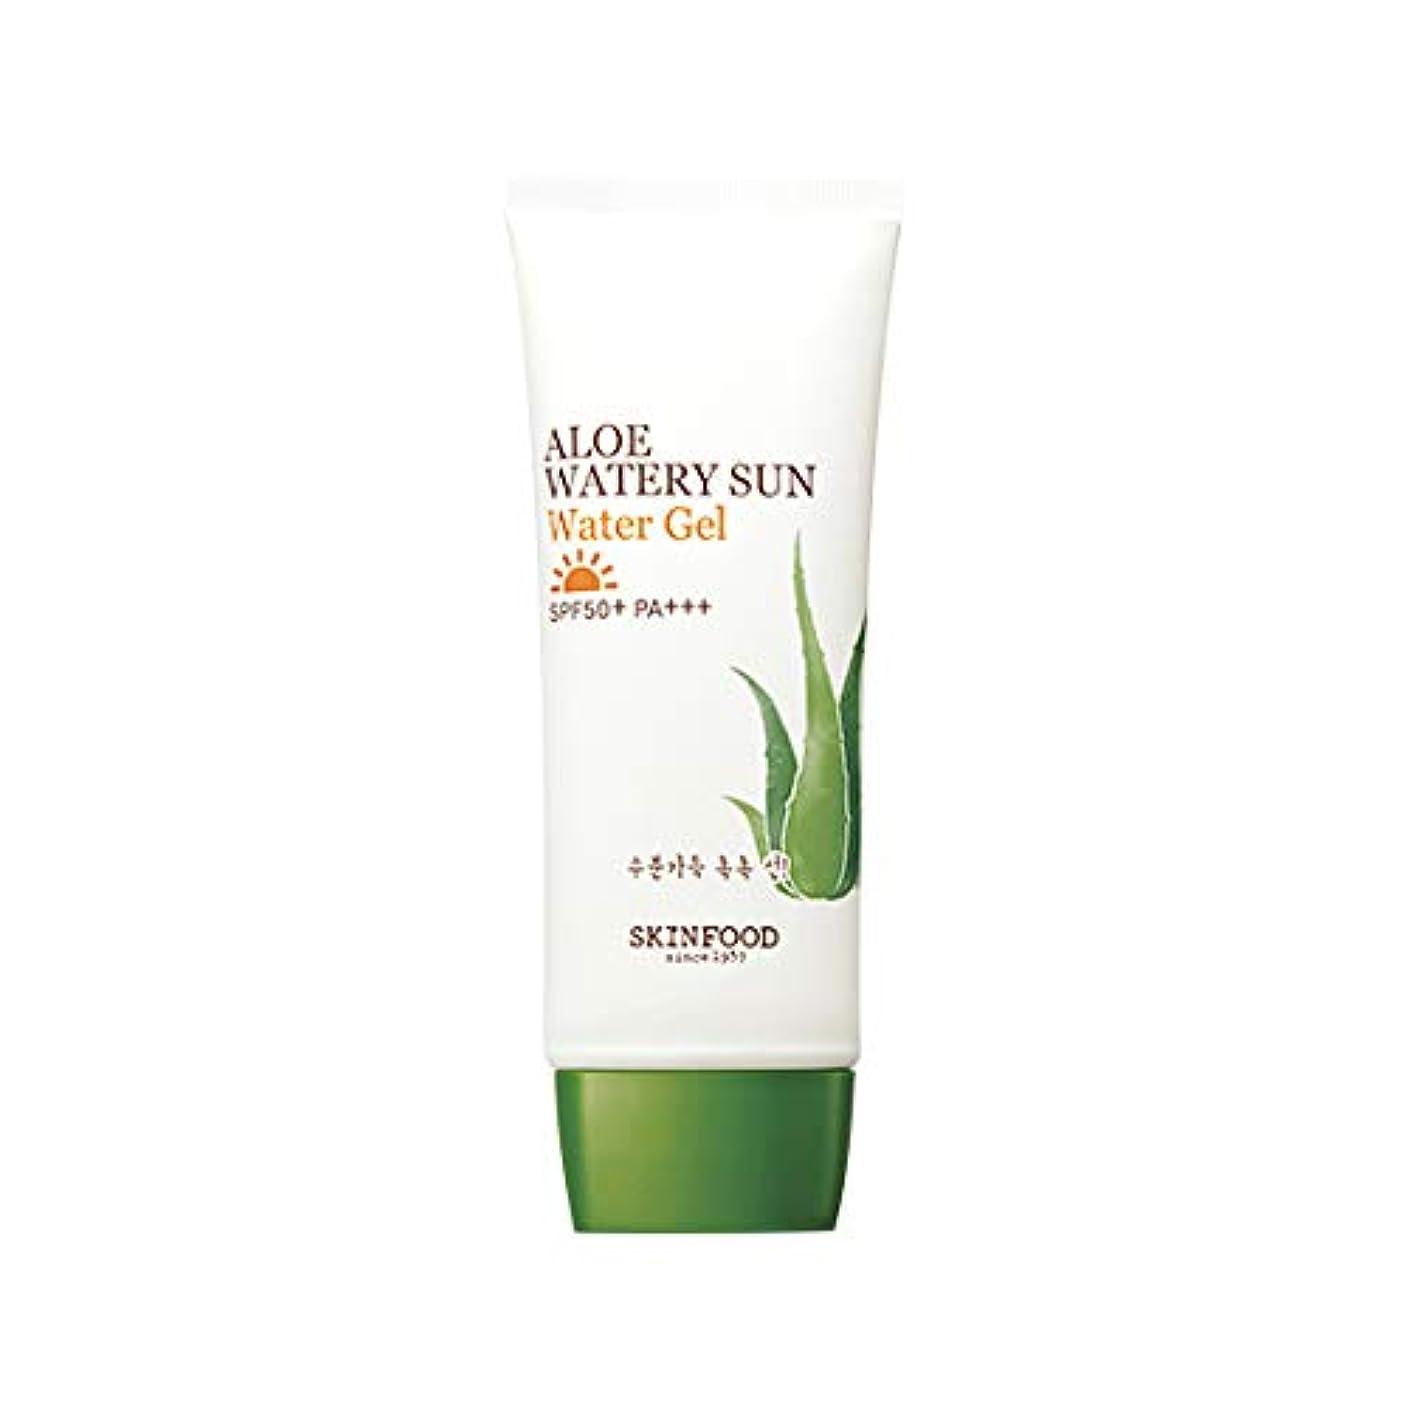 所属断線補充Skinfood アロエウォーターサンジェルSPF50 + PA +++ / Aloe Watery Sun Water Gel SPF50+ PA+++ 50ml [並行輸入品]